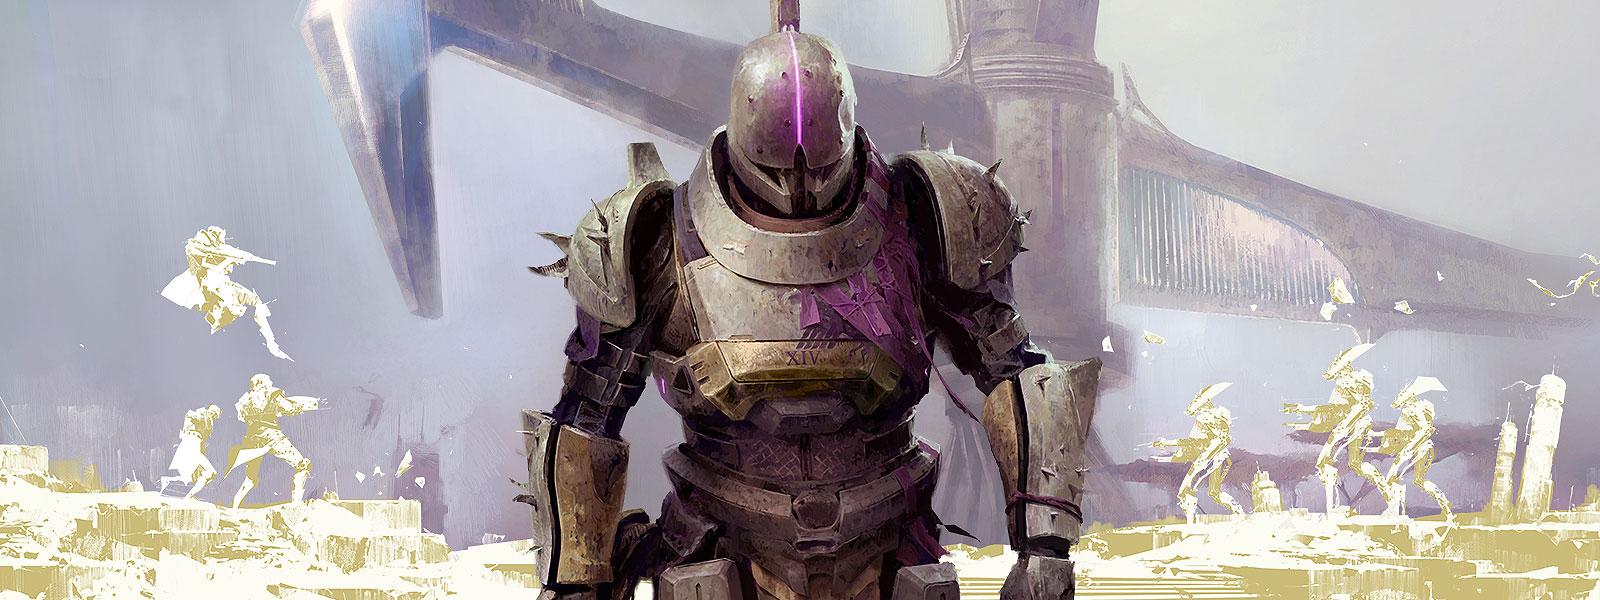 戦闘中の他のキャラクターのシルエットと背景の大きな構造物を備えたフルアーマーのキャラクター。